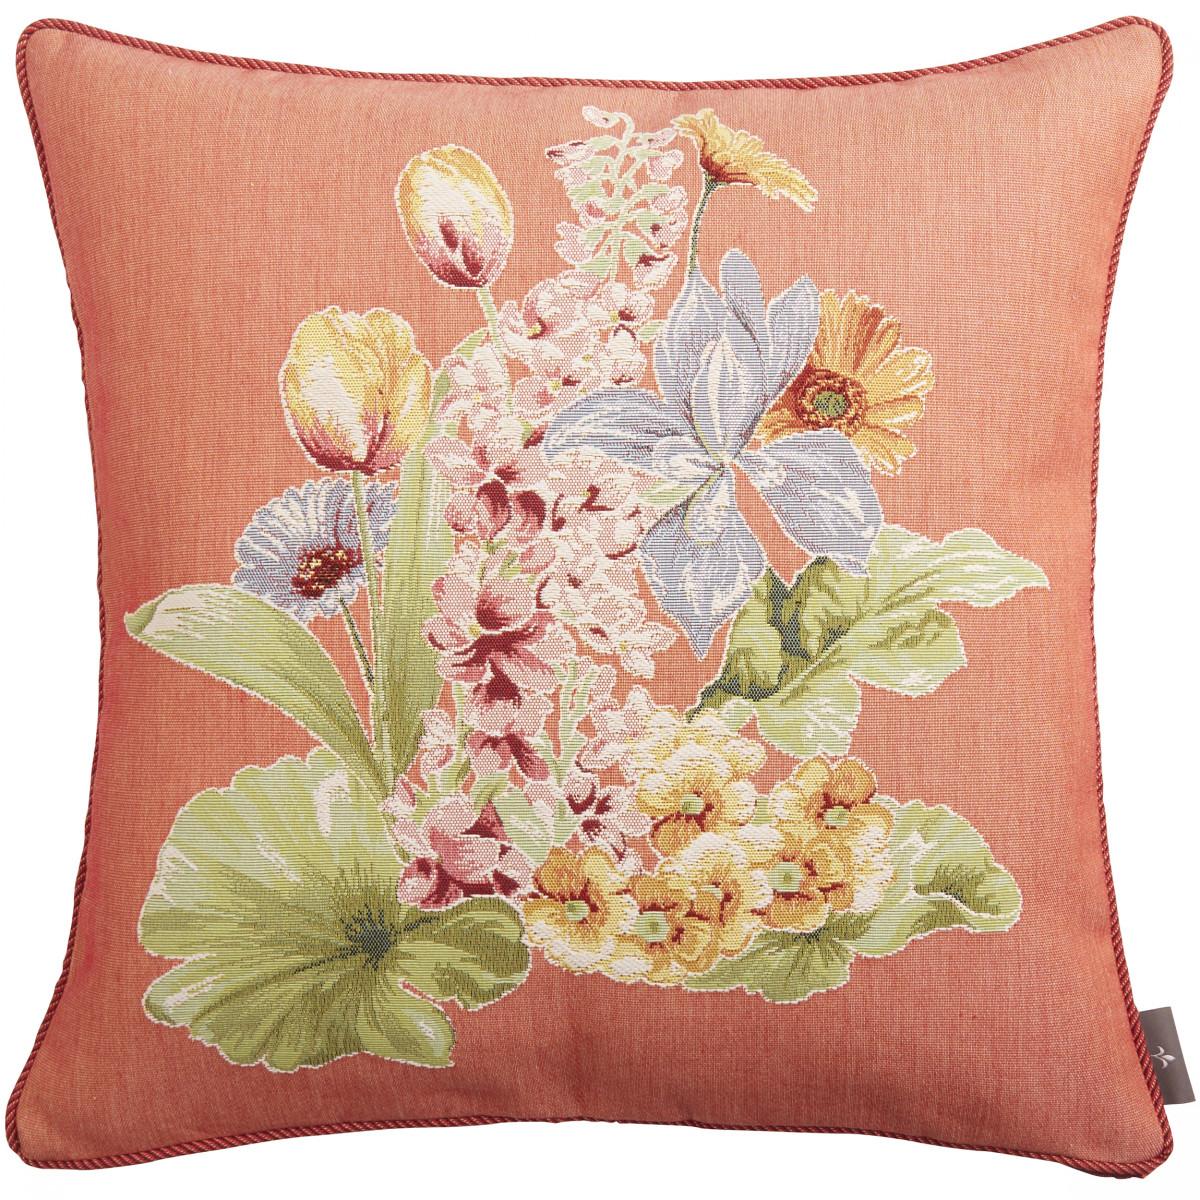 Coussin tapisserie bouquet de fleurs Orange 50 x 50